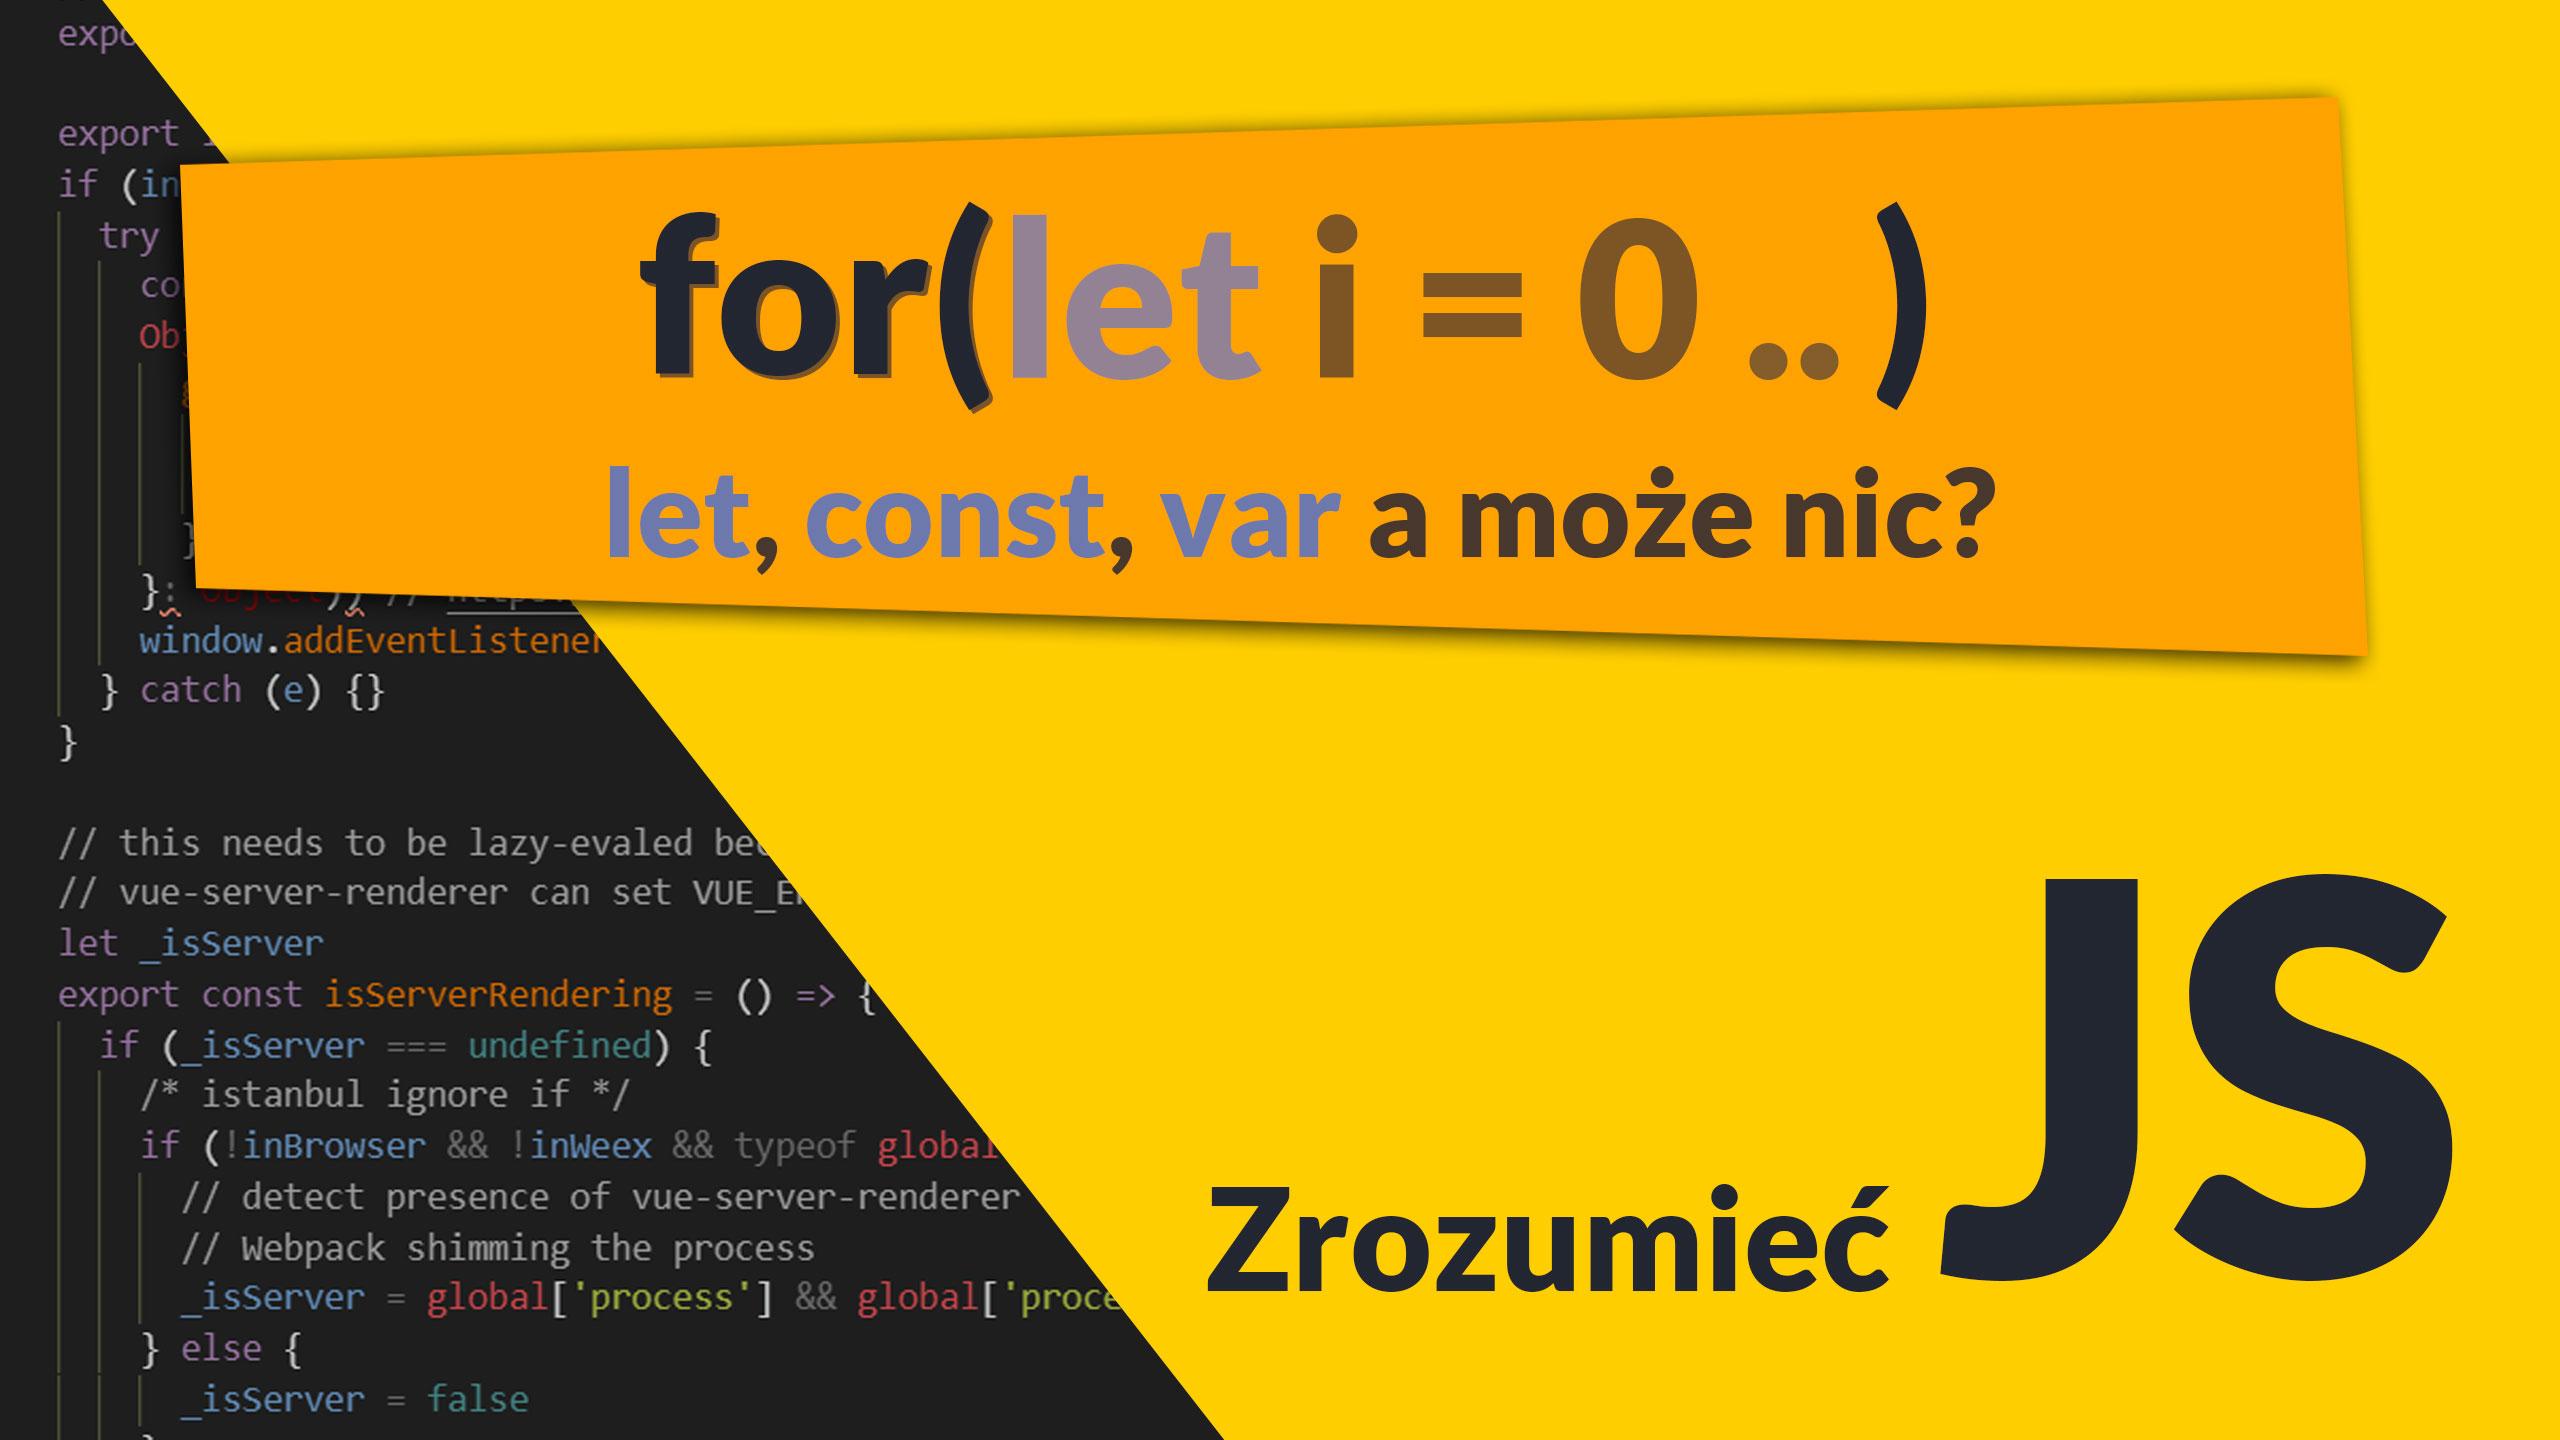 for let - Pętla for() - wstawiać let, const, var a może nic? (#9 Zrozumieć JavaScript)